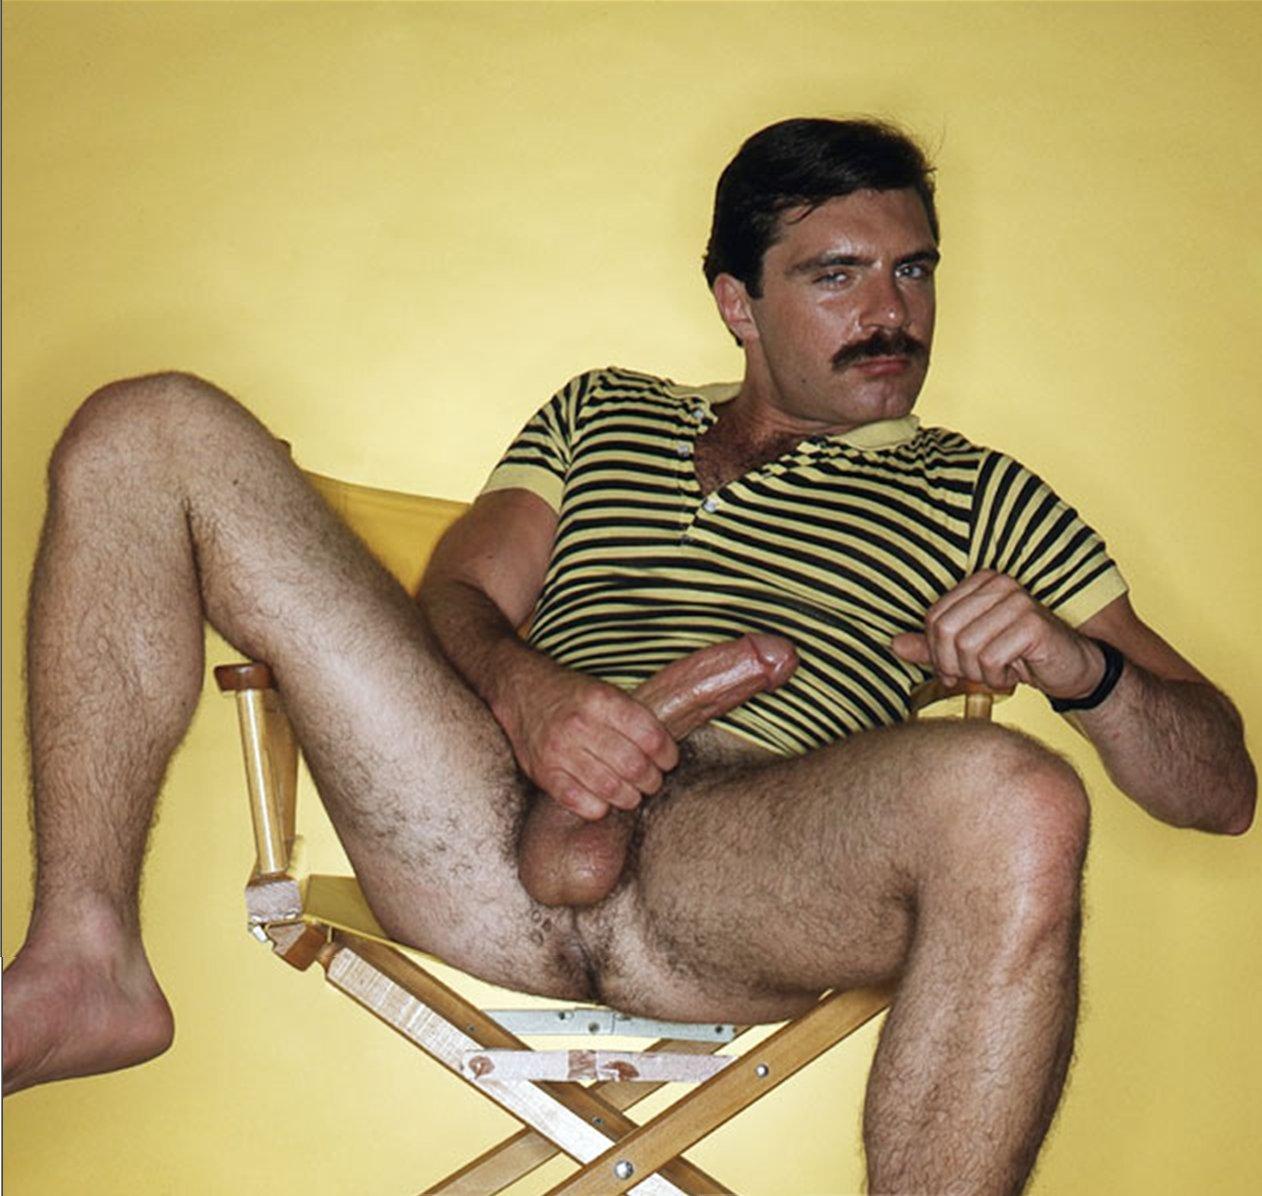 Glenn Steers vintage gay hot daddy dude men porn